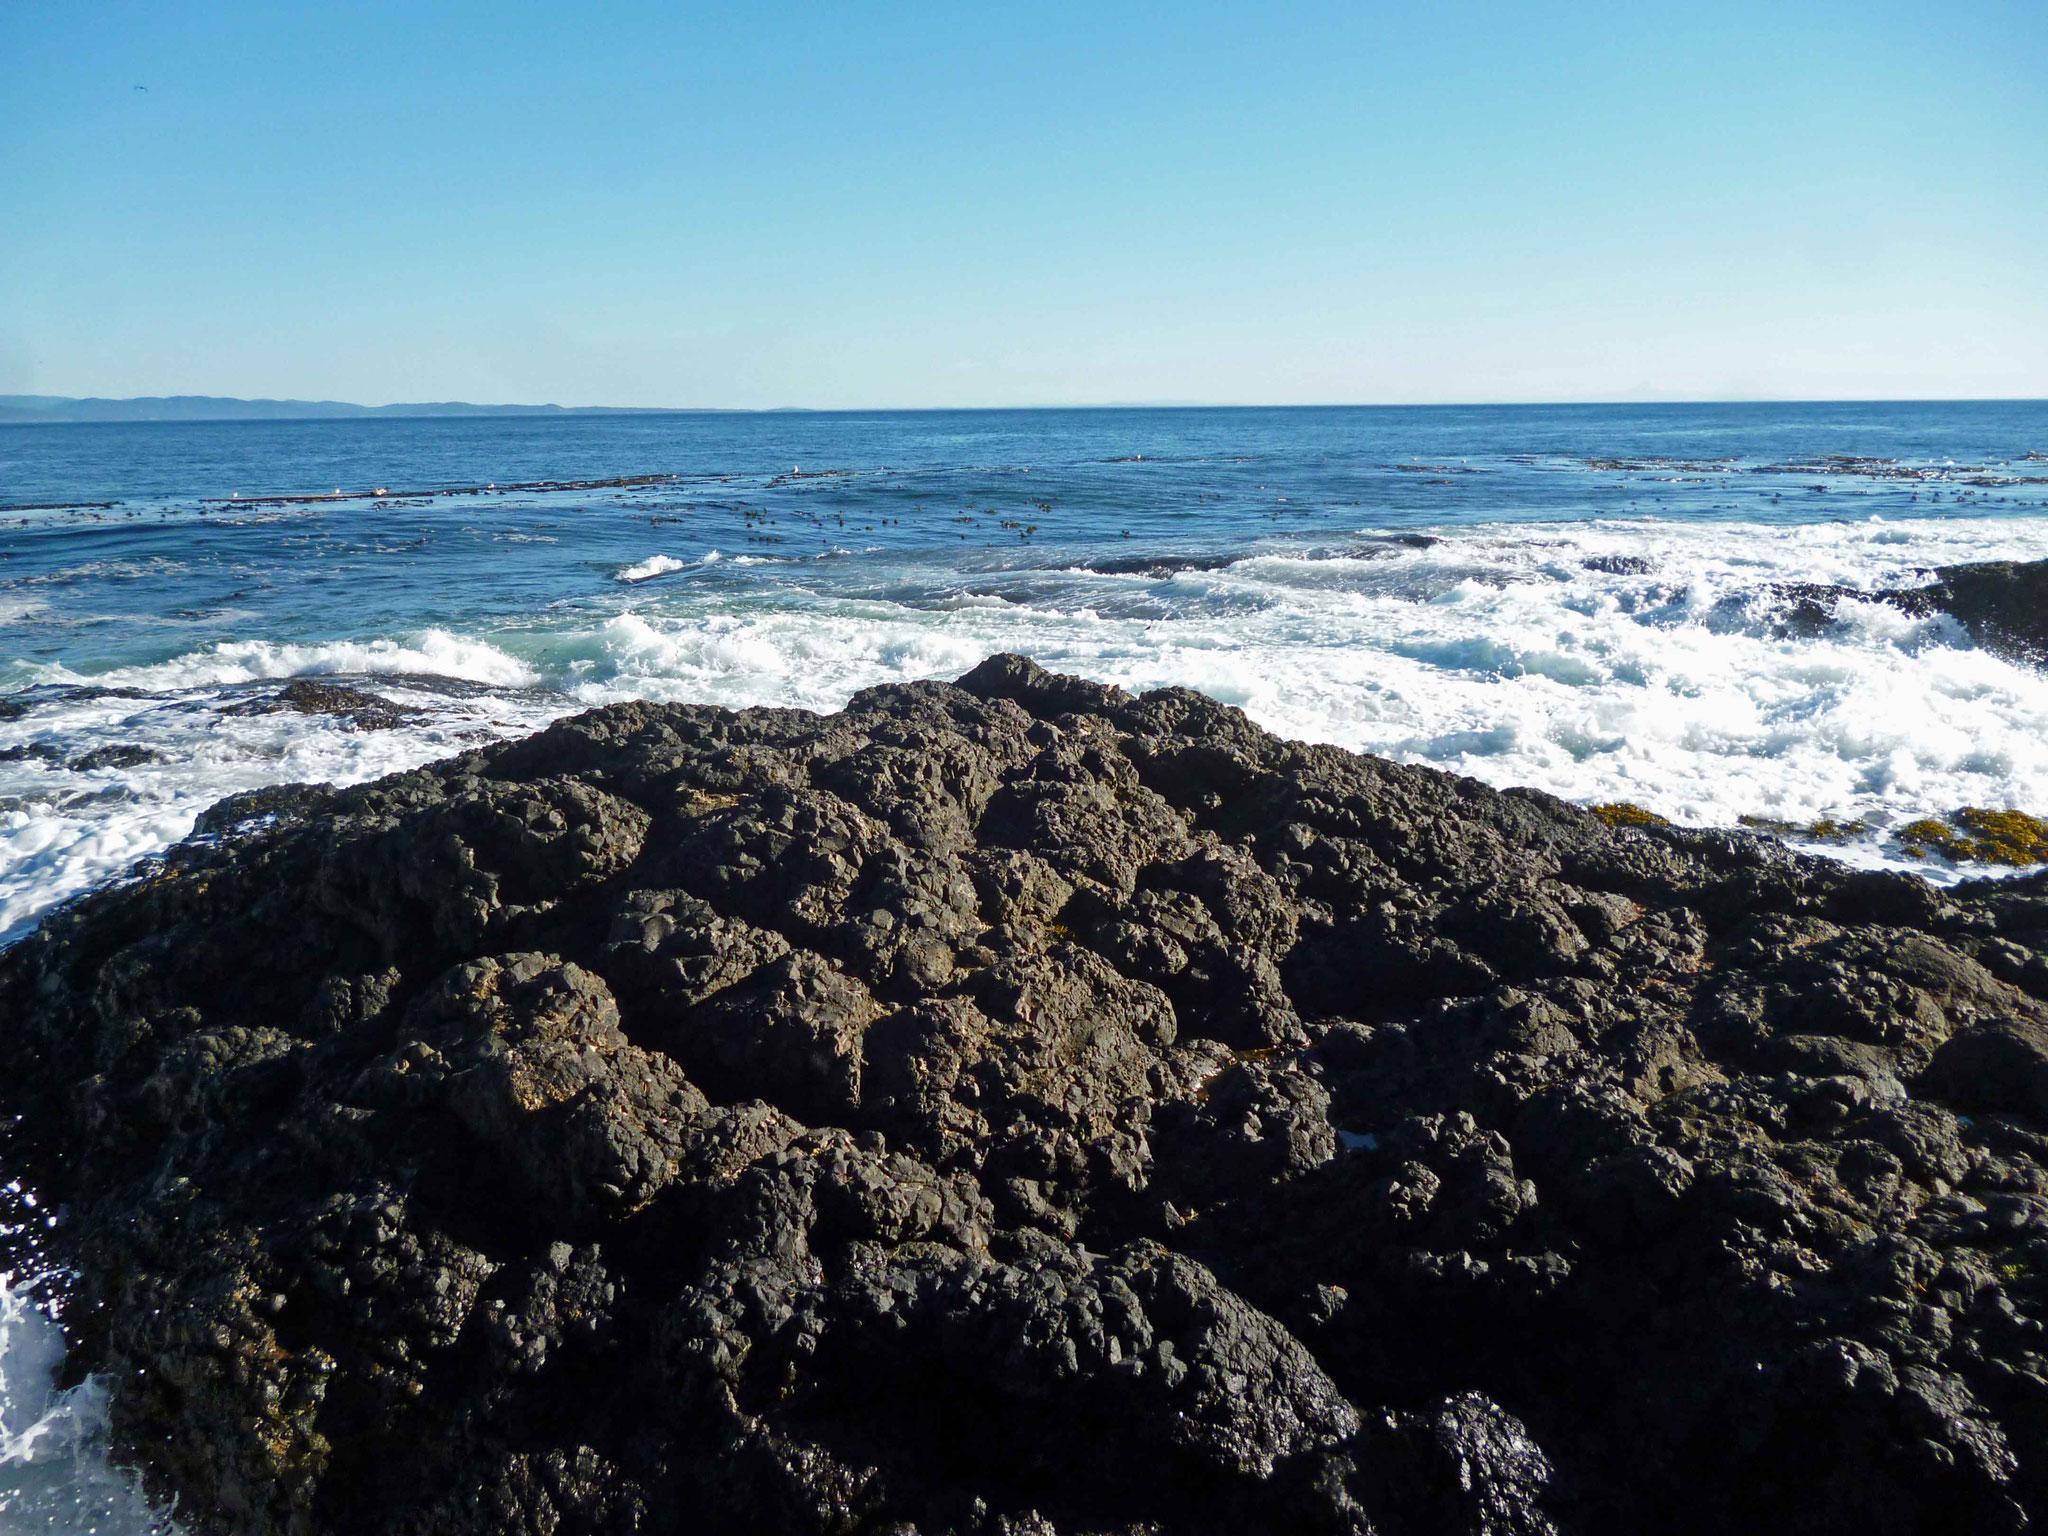 Bild 3 Der pazifische Ozean rauscht krätig heran